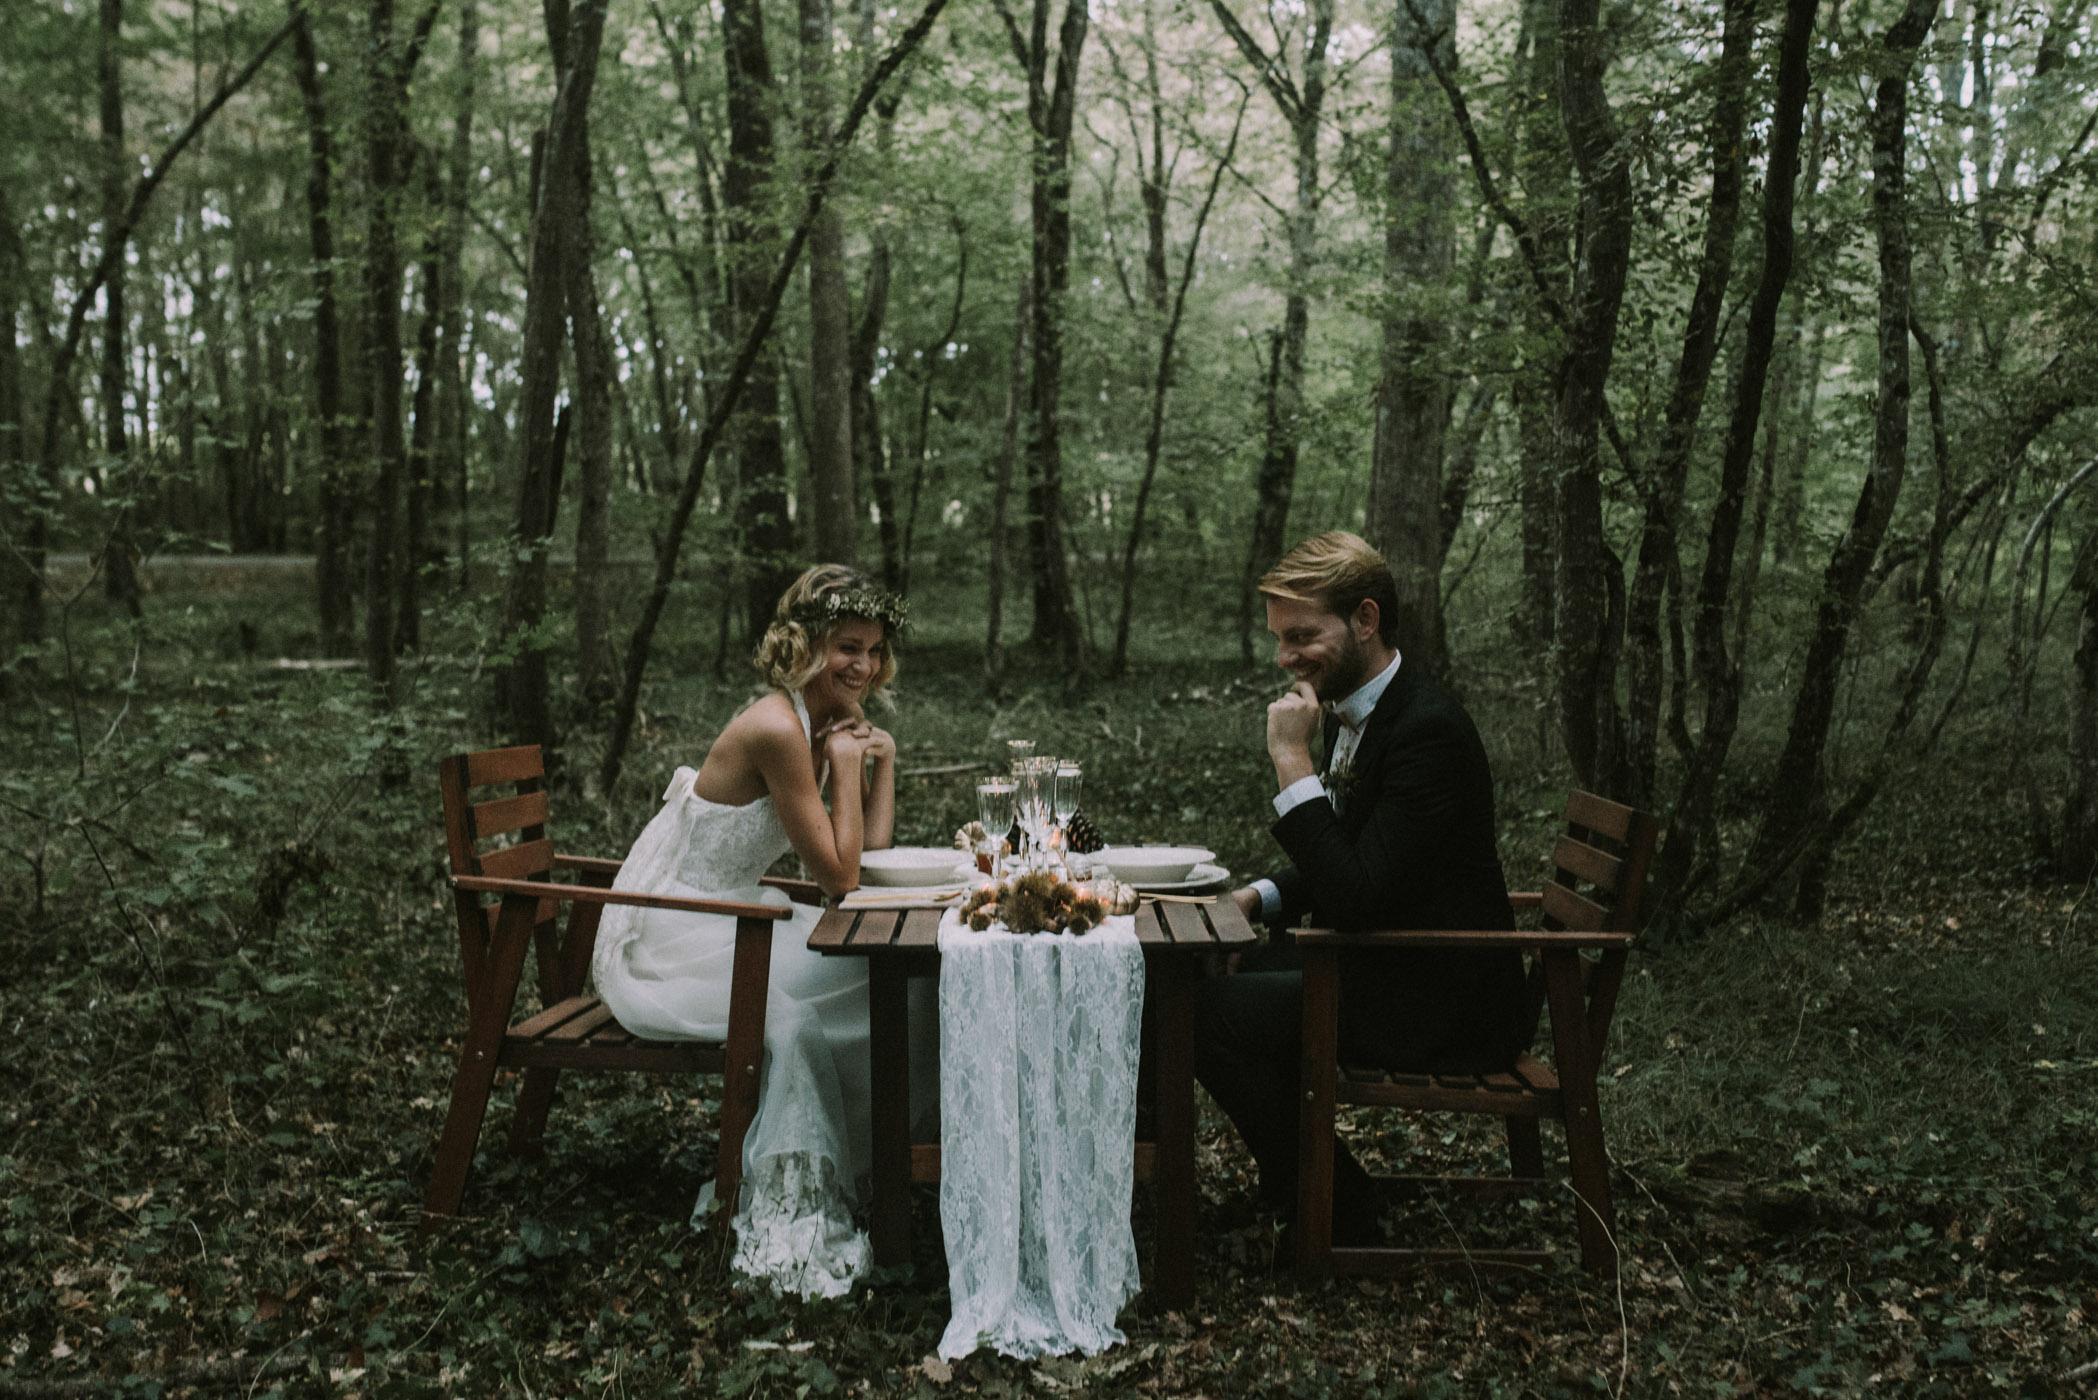 sun-drops-down-shooting-dinspiration-automnal-sous-les-bois-en-dordogne-blog-mariage-la-mariee-sous-les-etoiles-photo-mira-al-pajarito-28